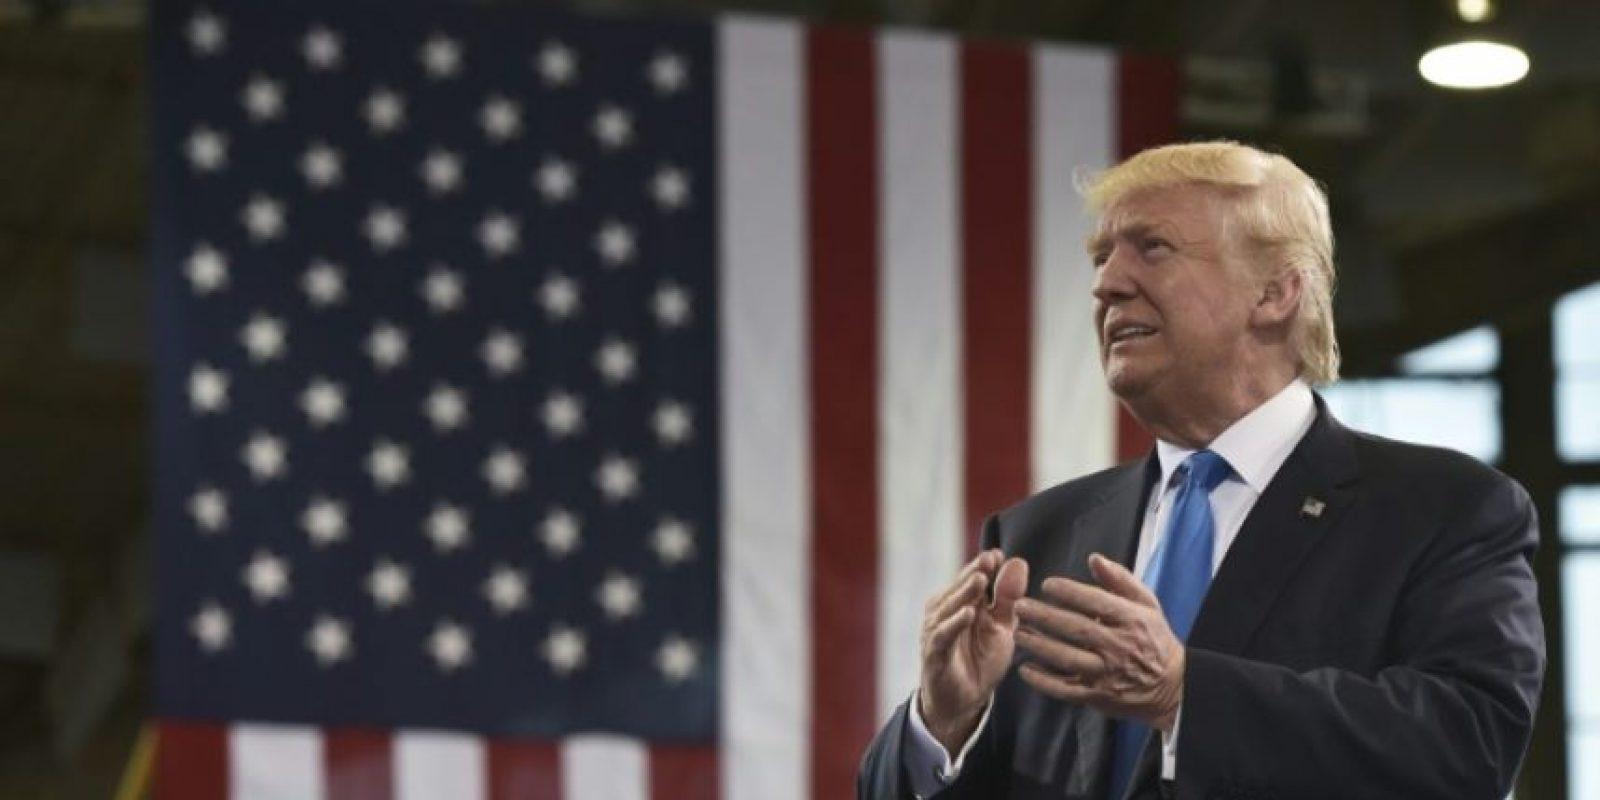 Donald Trump hace campaña en Raleigh, Carolina del Norte, el 7 de noviembre de 2016 Foto:Mandel Ngan/afp.com